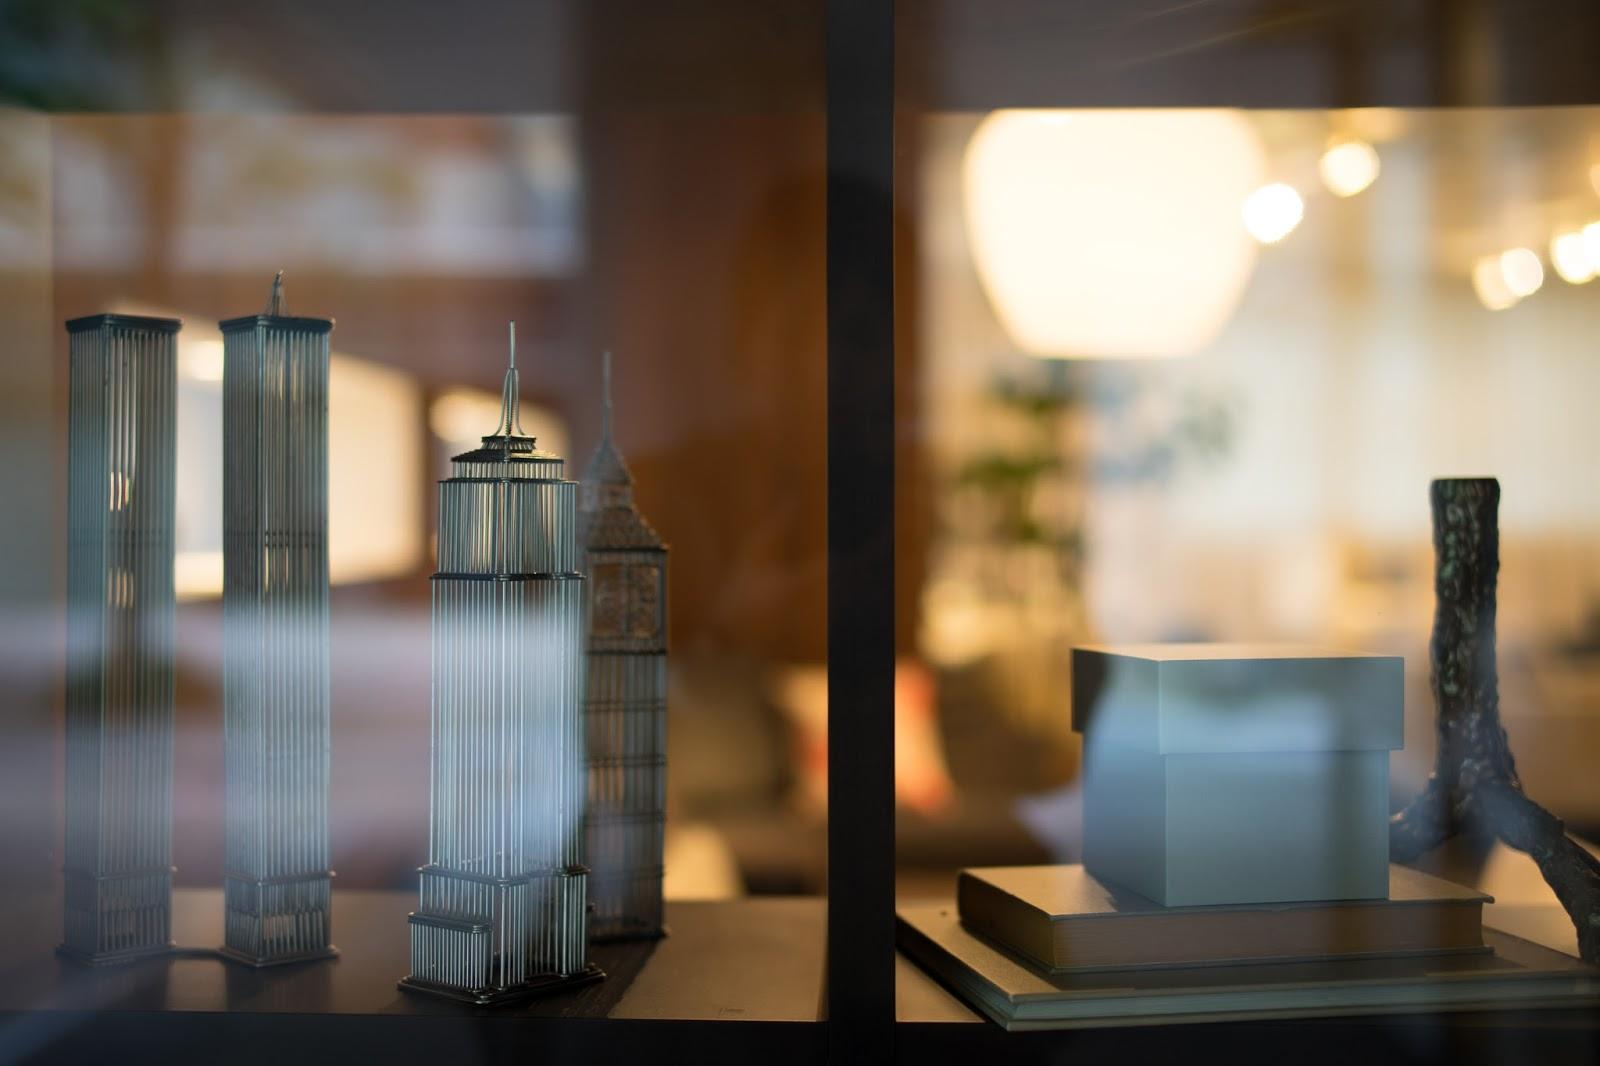 Пример фотографии, сделанной на объектив Voigtlander Nokton 40mm f/1.2